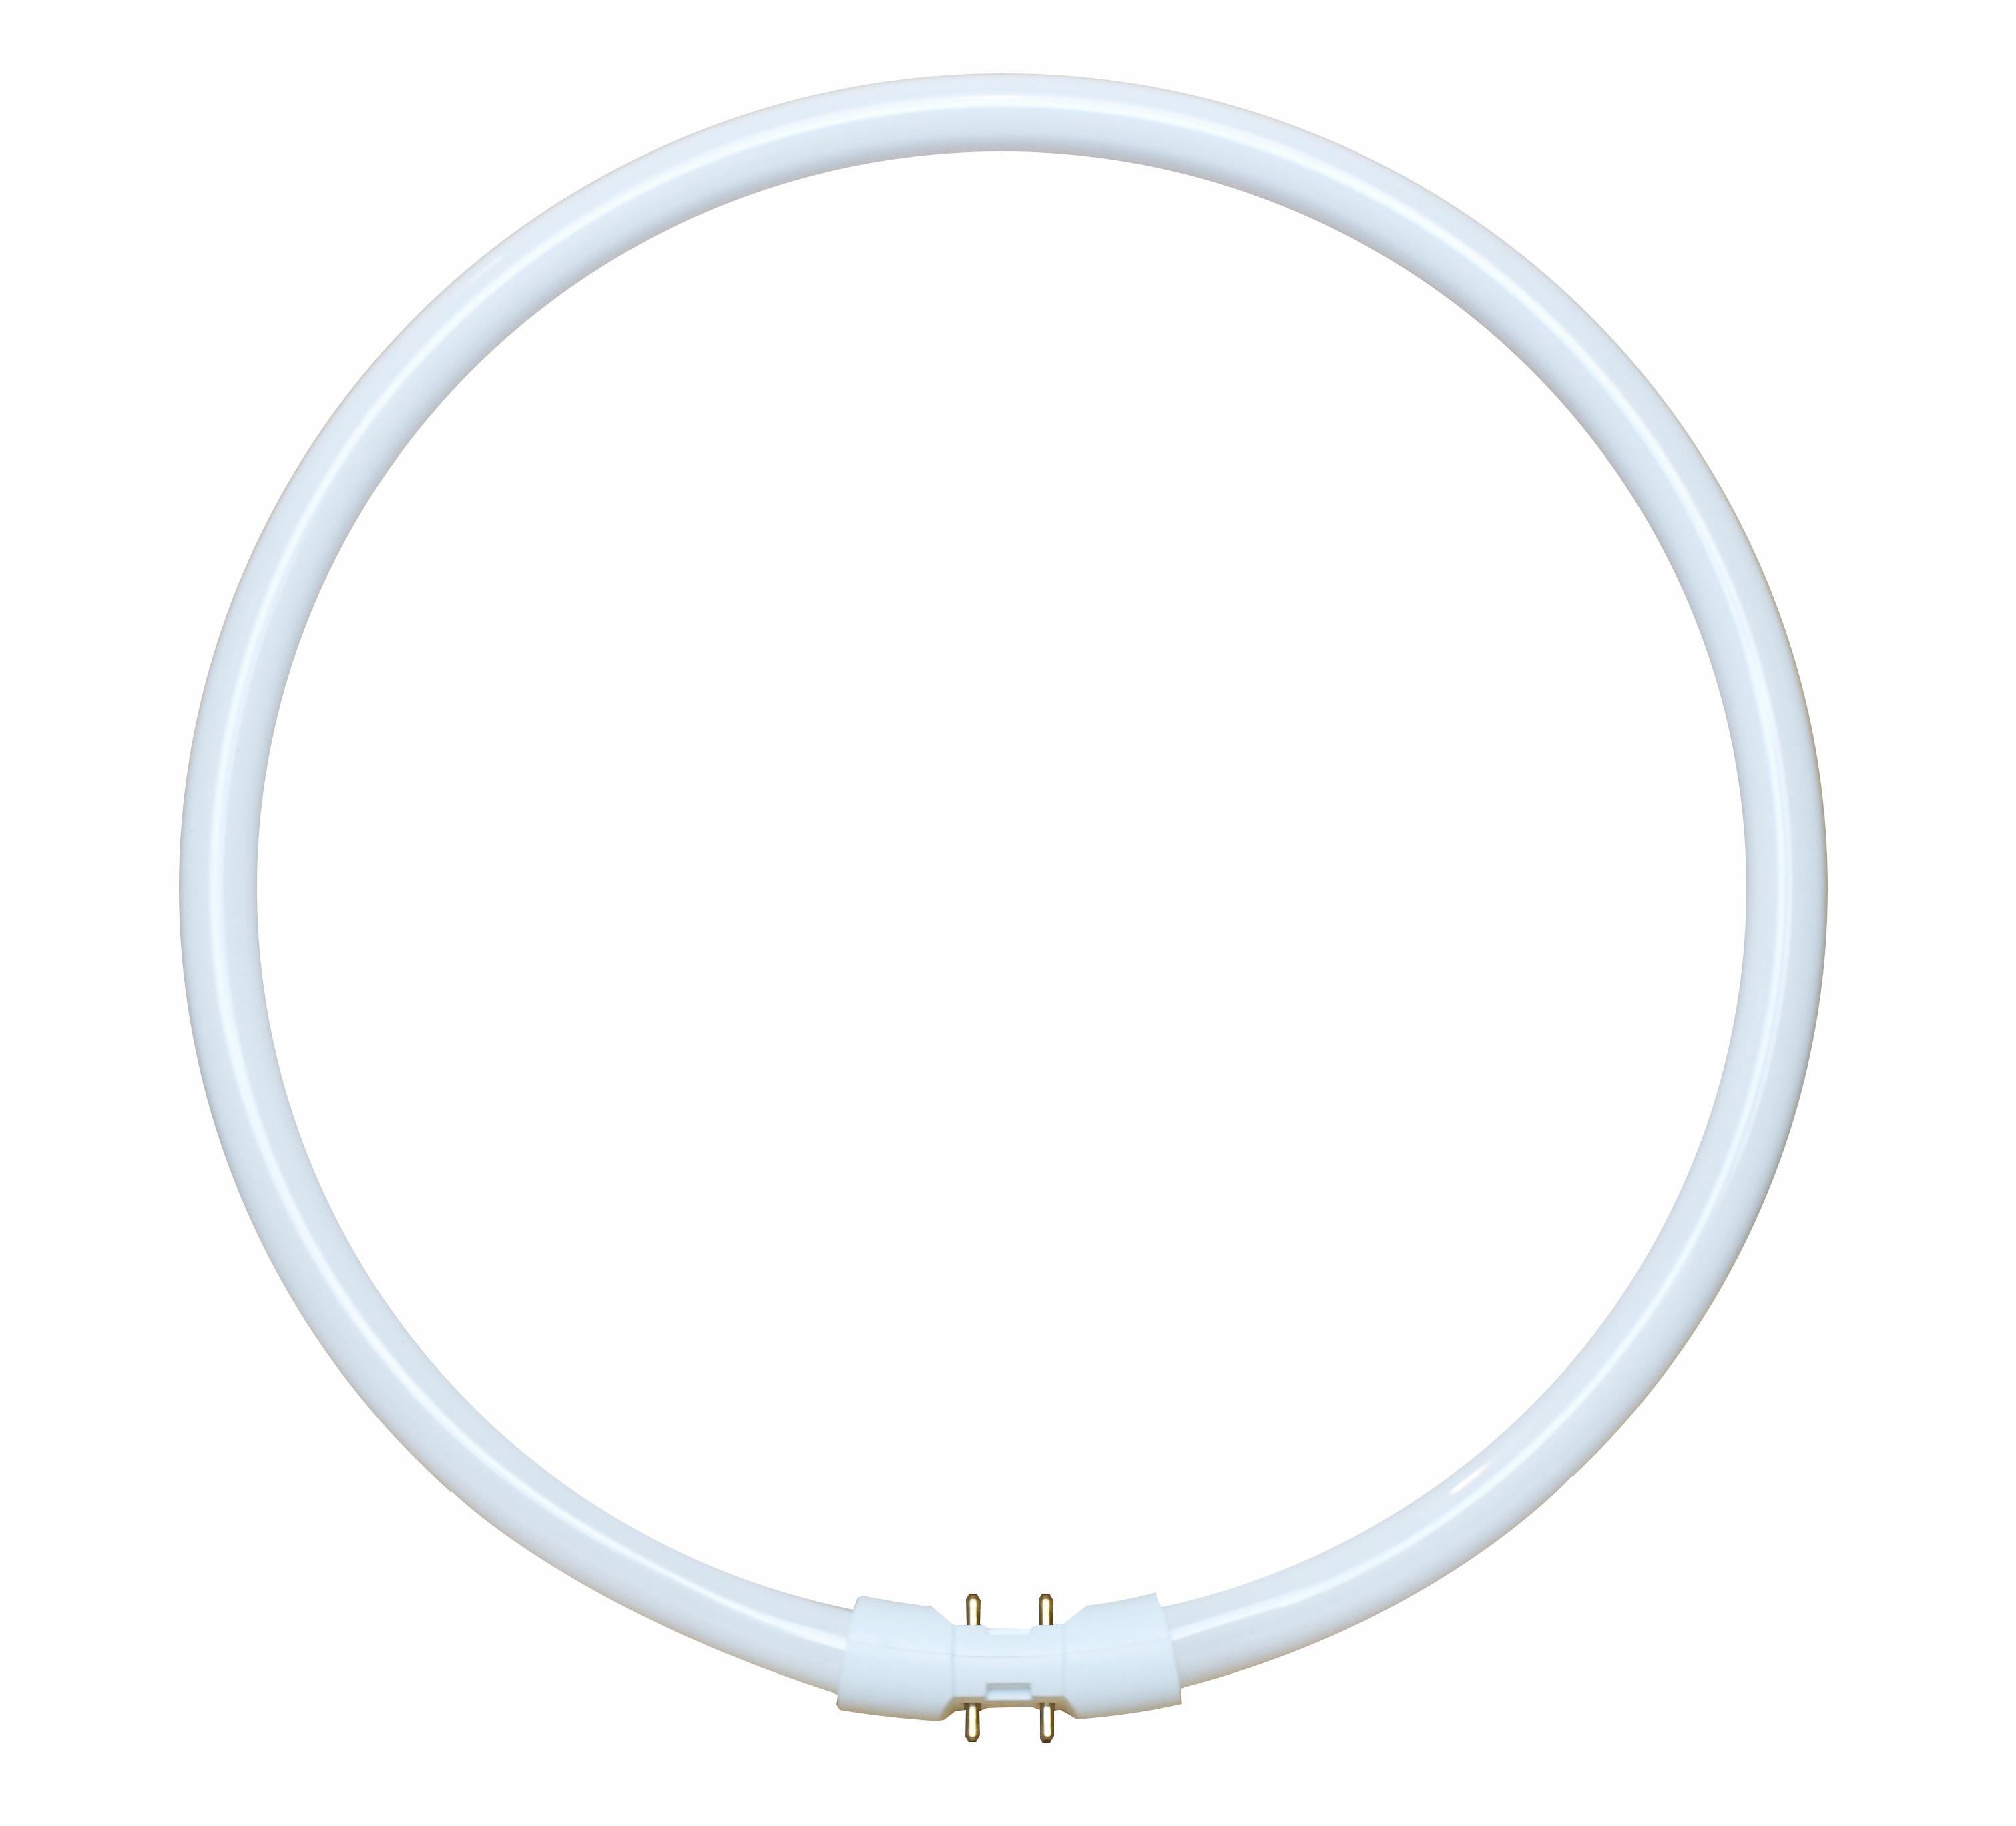 1 Stk T16-R 55W/840 2GX13 Leuchtstofflampe kreisförmig LI5W528588